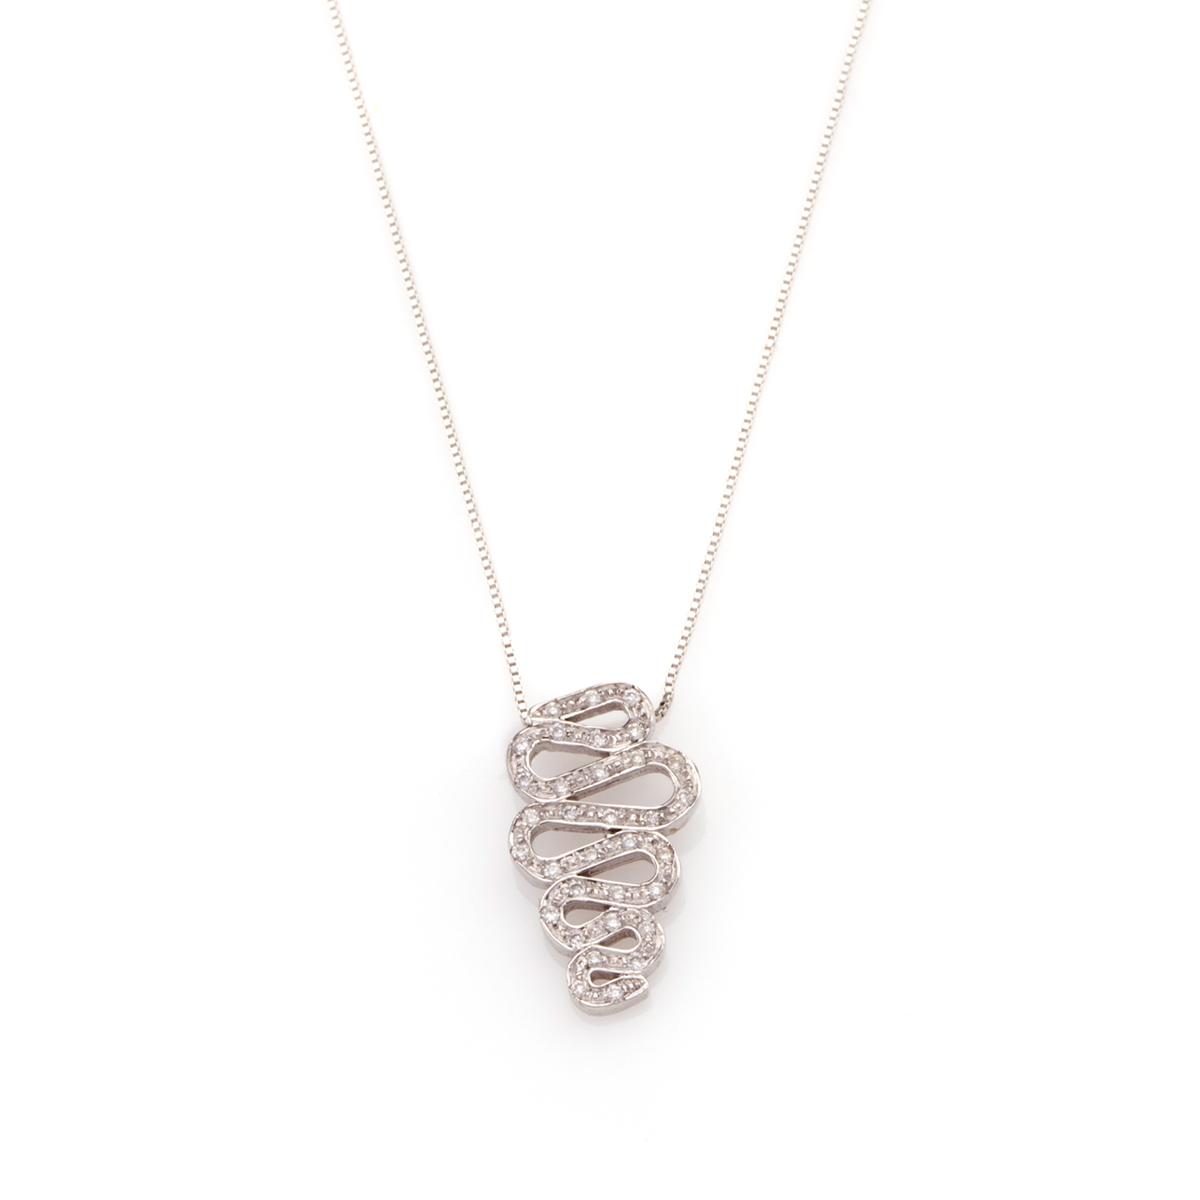 שרשרת זהב עם תליון יהלומים מפותל